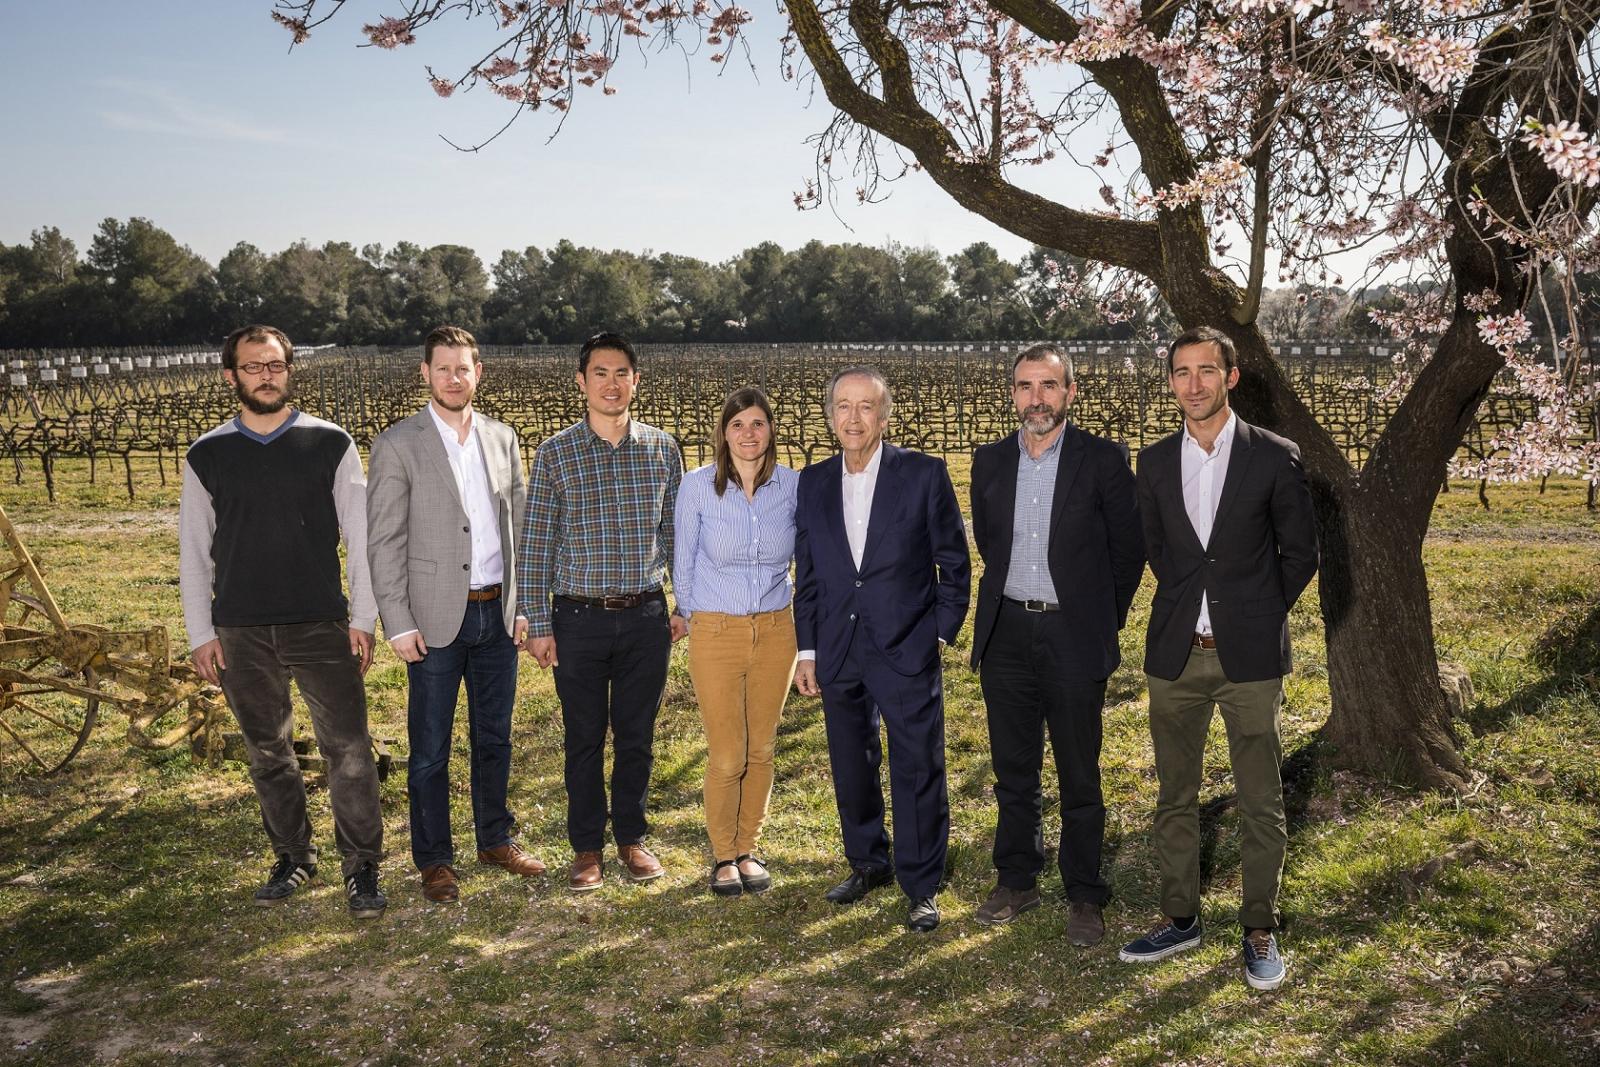 Representants de Jackson Family Wines i Família Torres reunits a Pacs del Penedès  | Família Torres